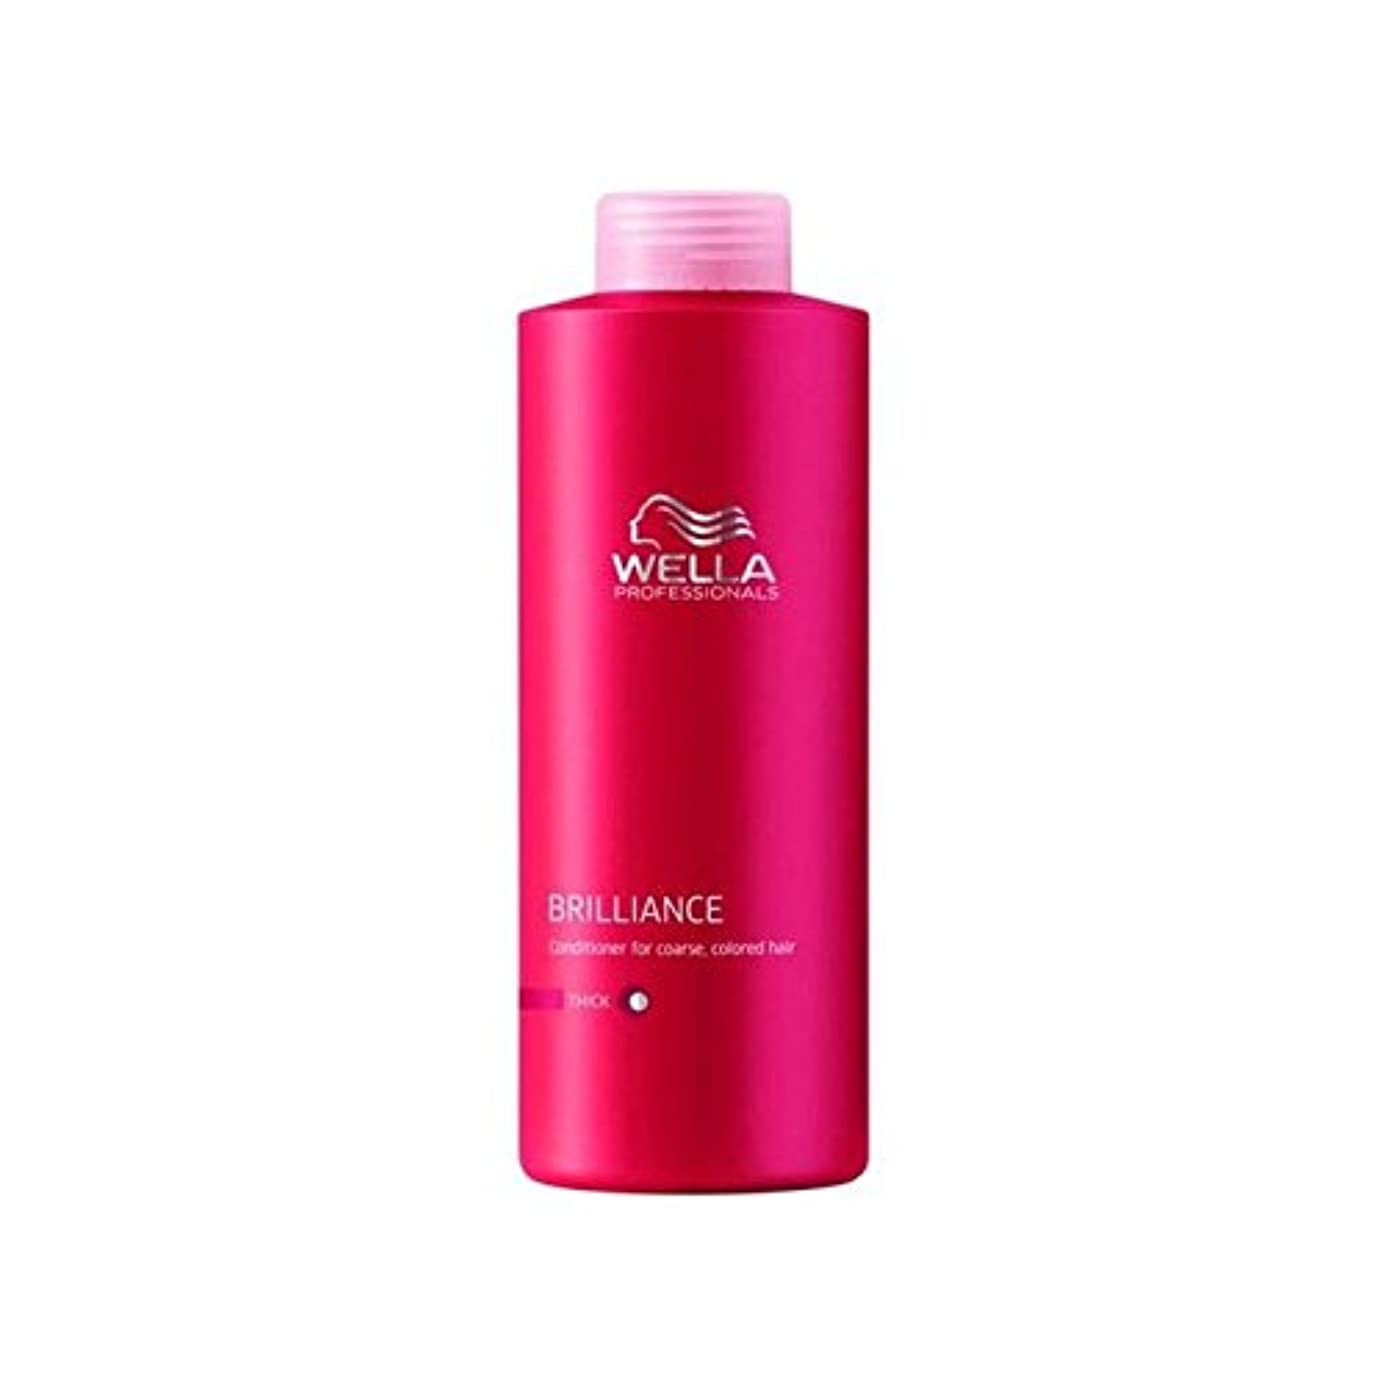 サンダル過半数誘惑ウェラの専門家は粗いコンディショナー(千ミリリットル)をブリリアンス x2 - Wella Professionals Brilliance Coarse Conditioner (1000ml) (Pack of 2)...